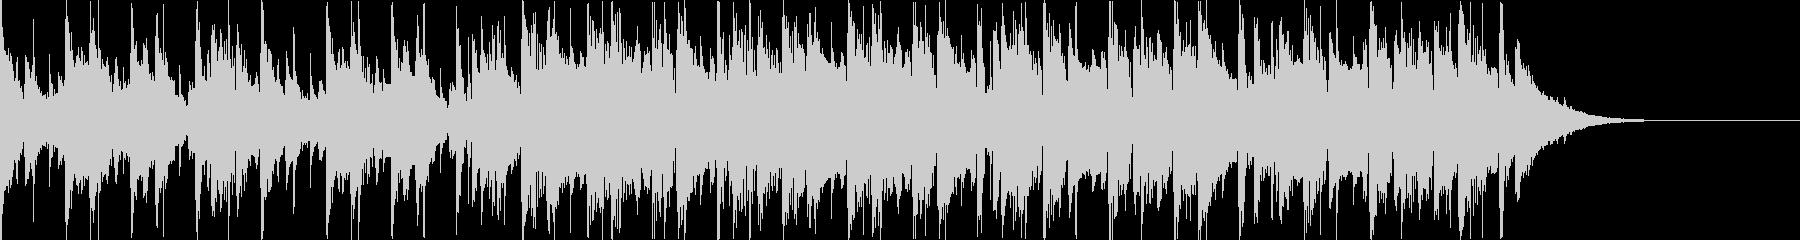 Pf「基点」和風現代ジャズの未再生の波形